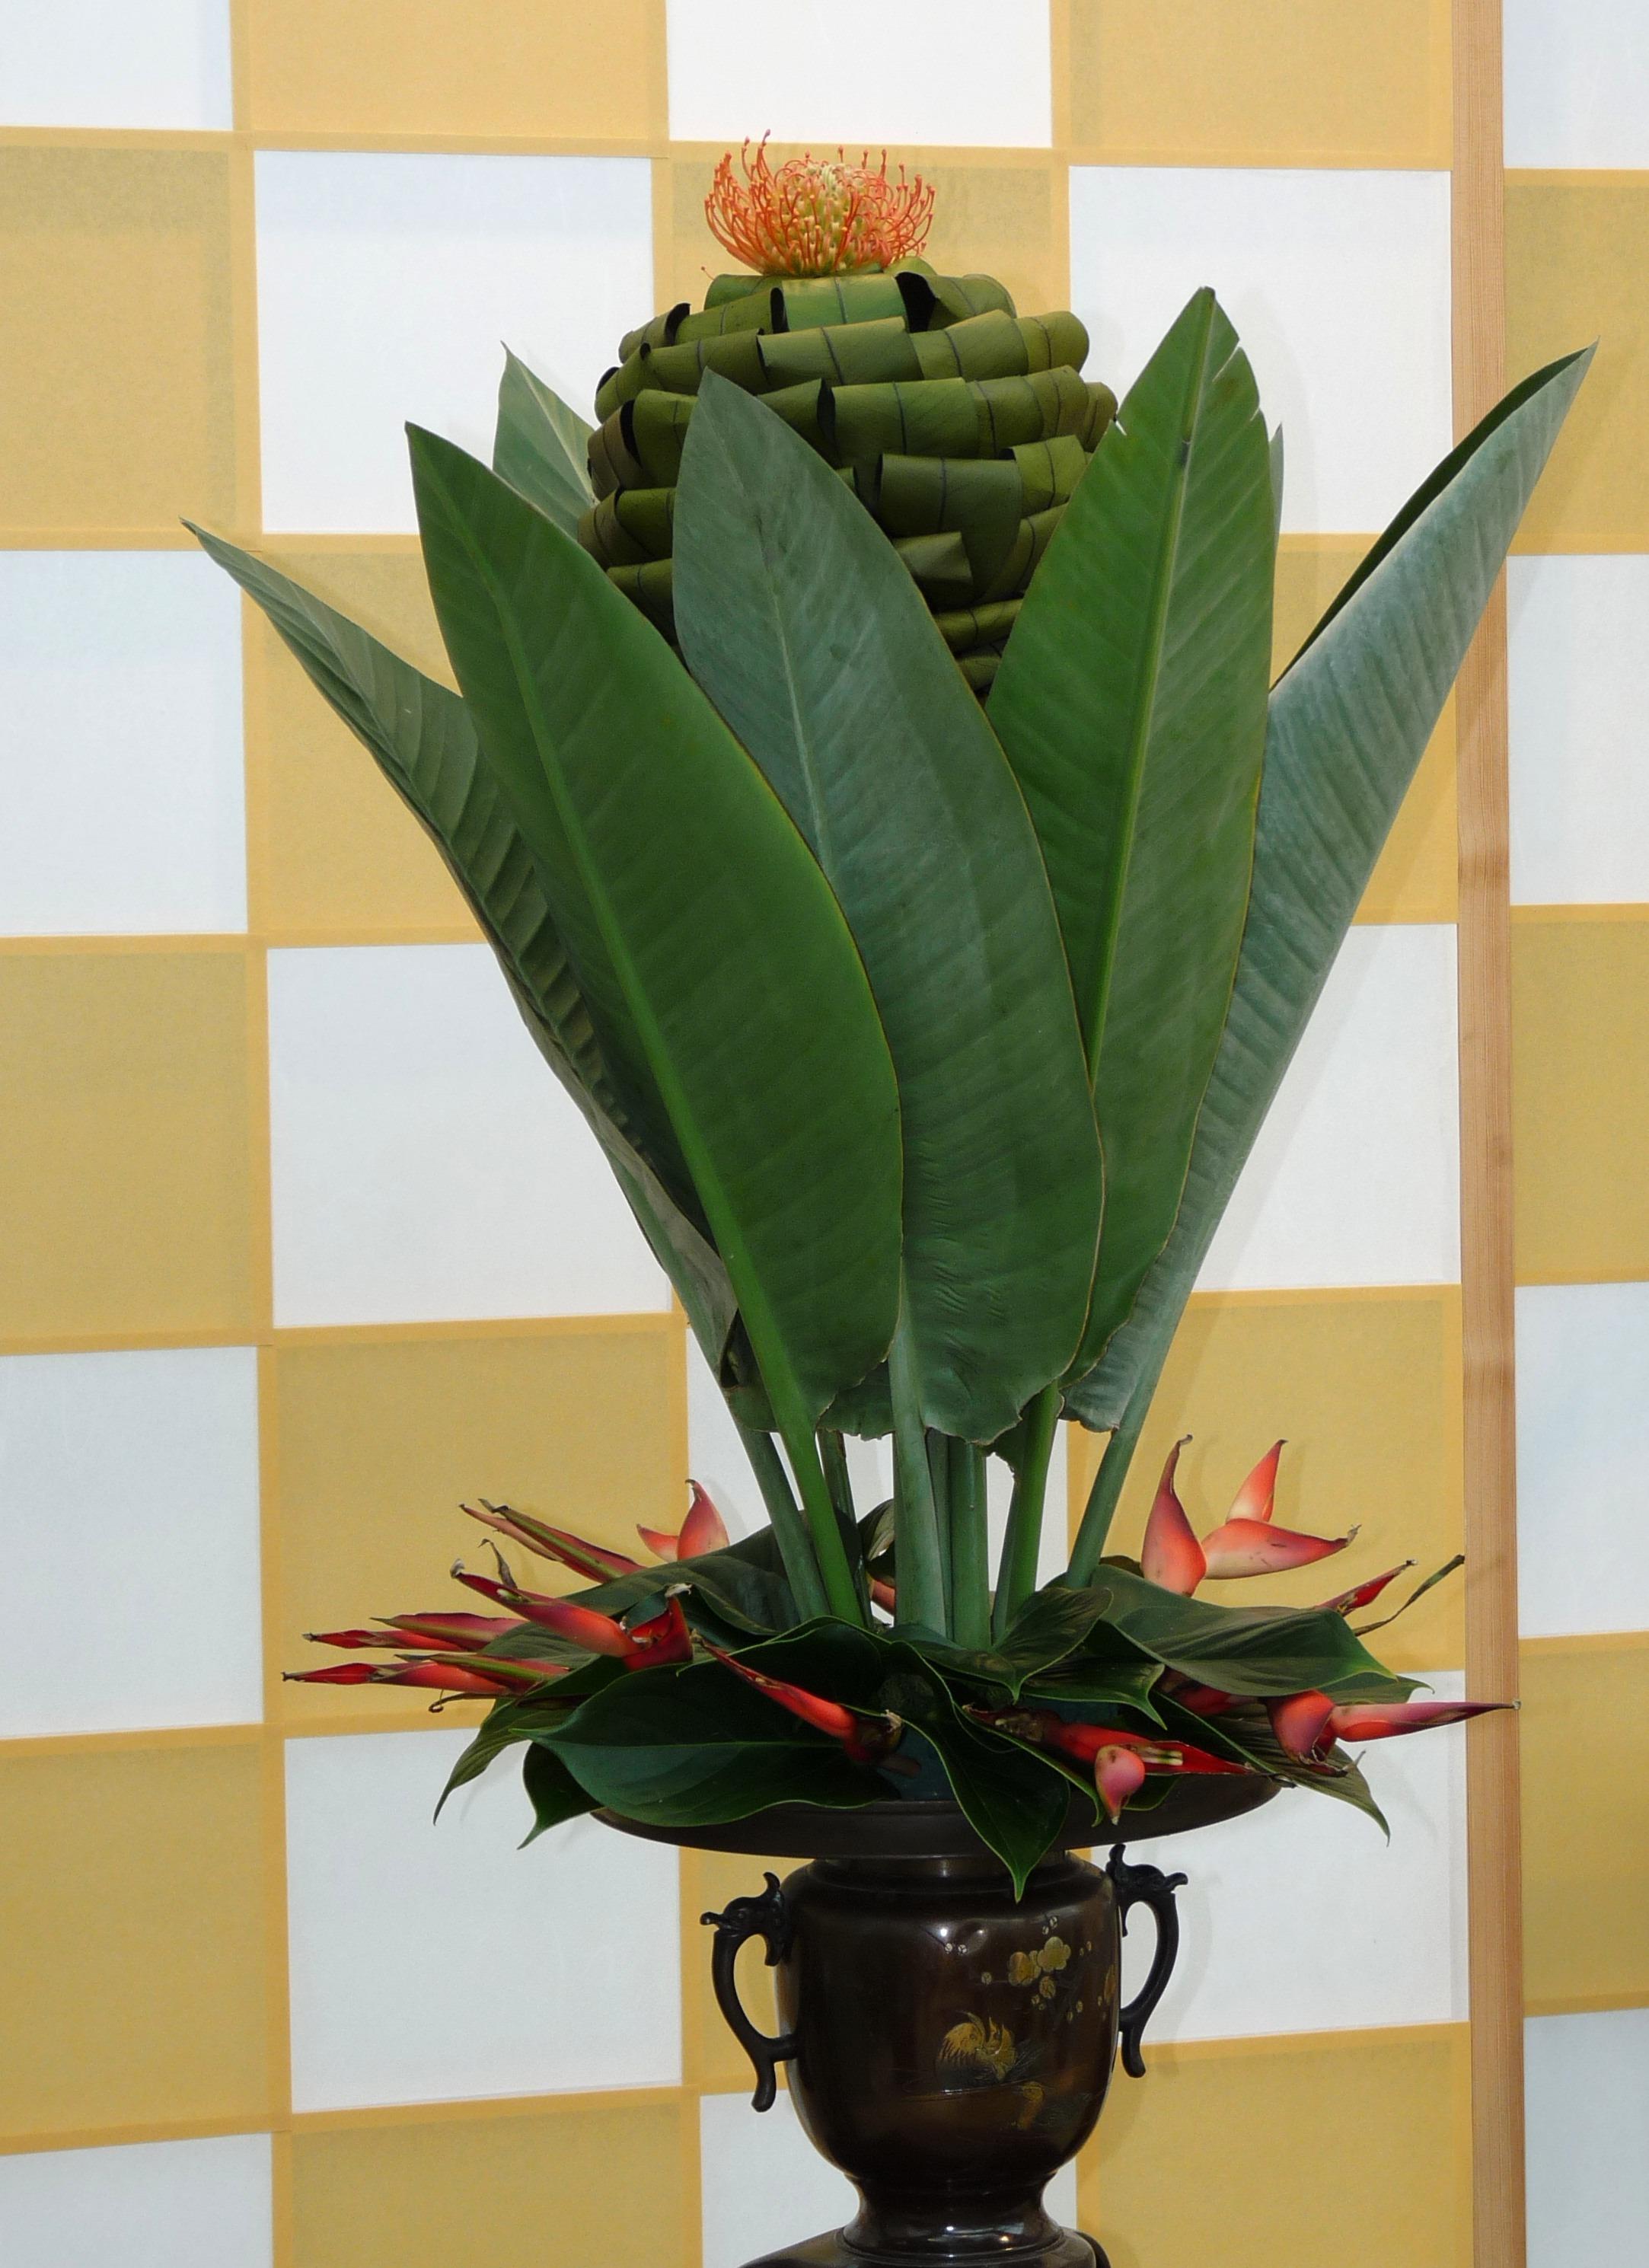 Images gratuites feuille d coration vert botanique jaune flore d co design d 39 int rieur - Pot design plante d interieur ...